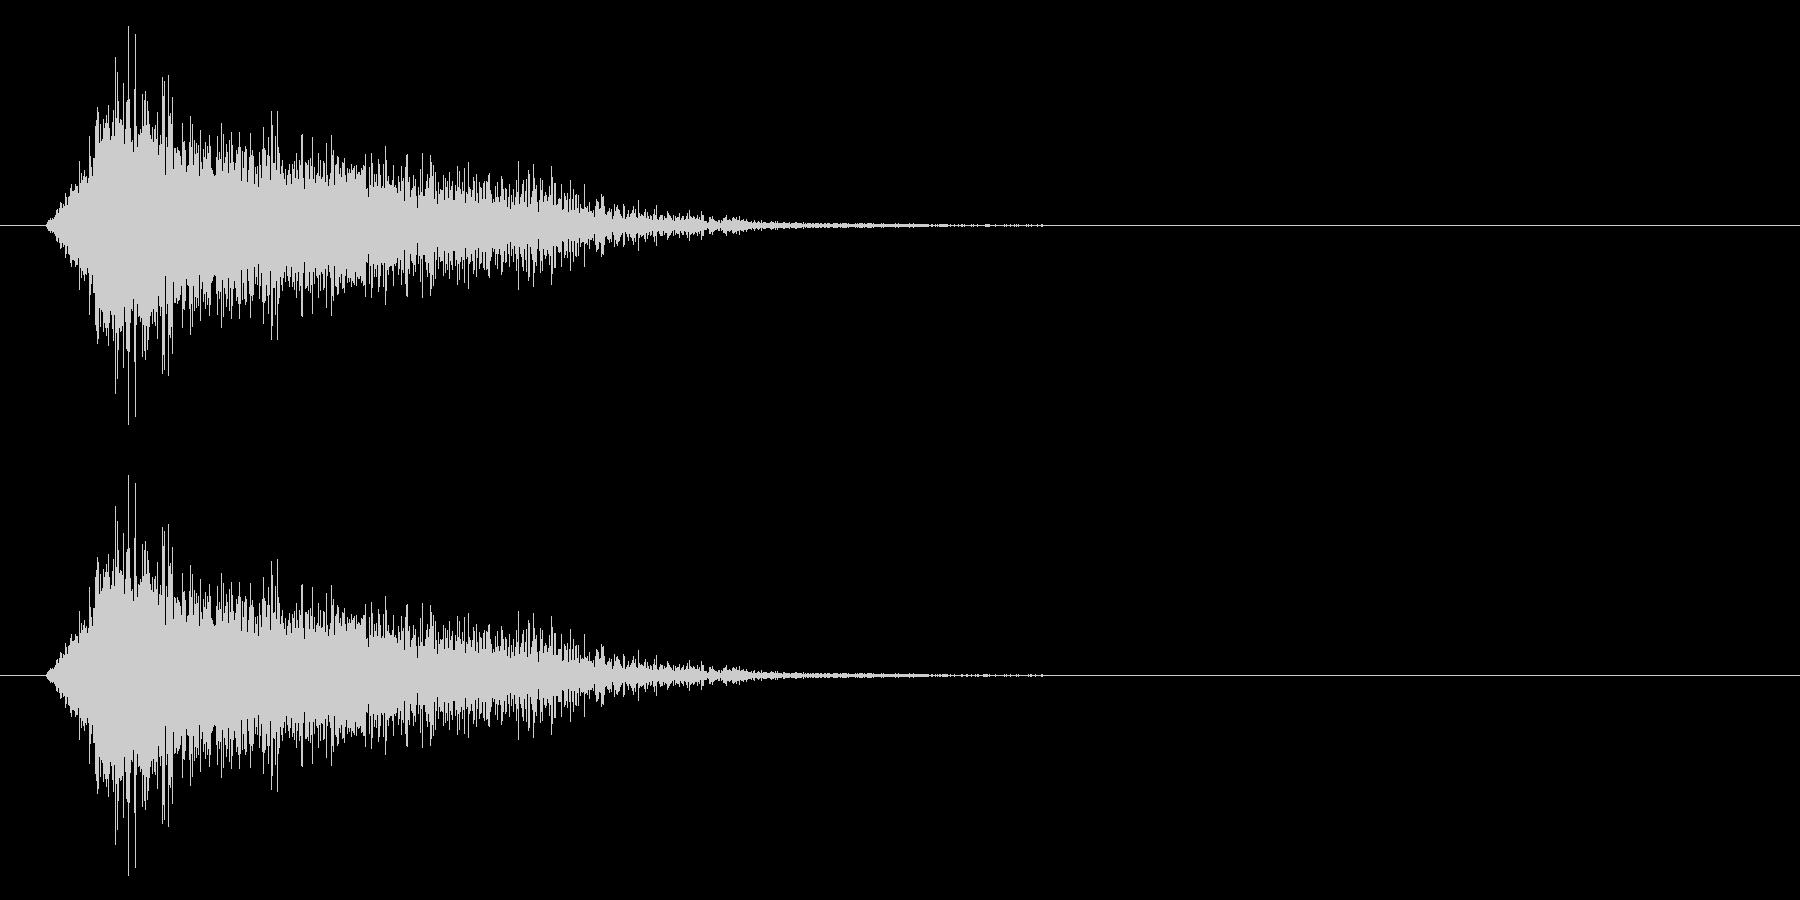 エンカウント/遭遇/戦闘開始の未再生の波形